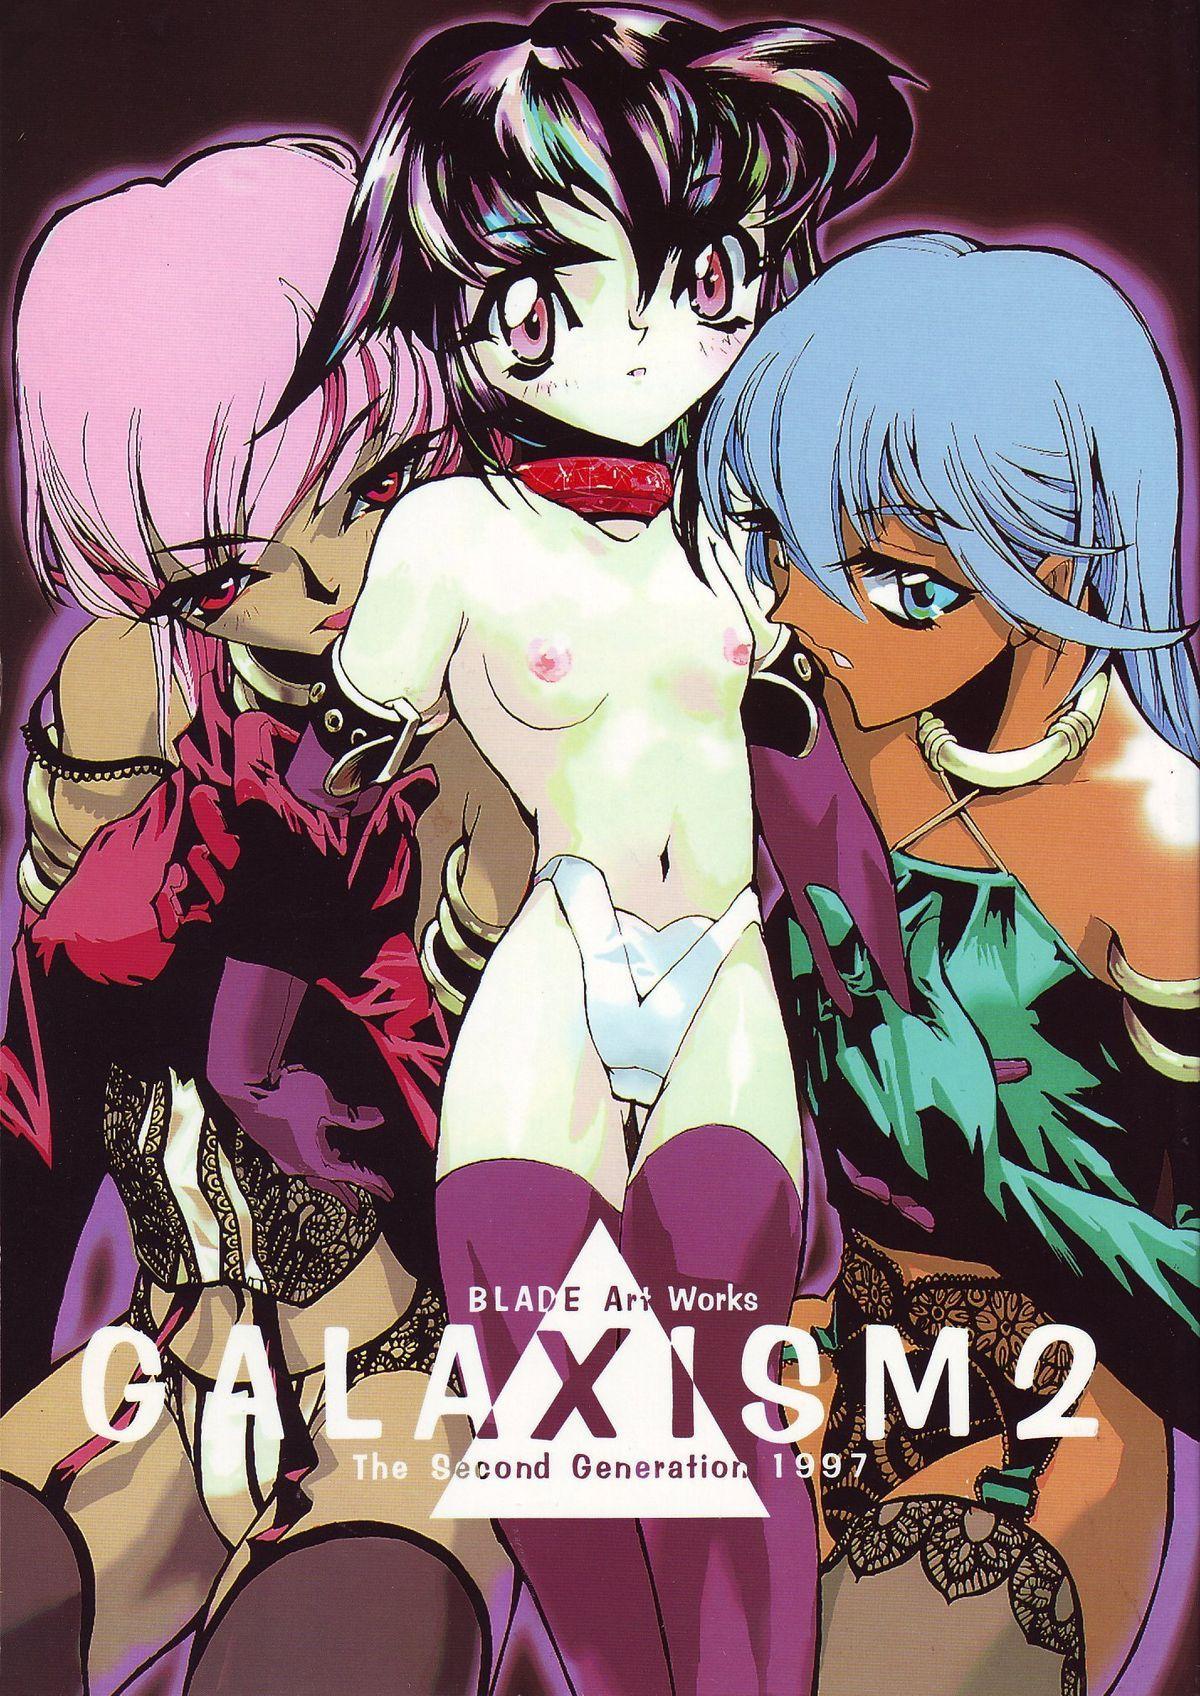 GALAXISM 2 0